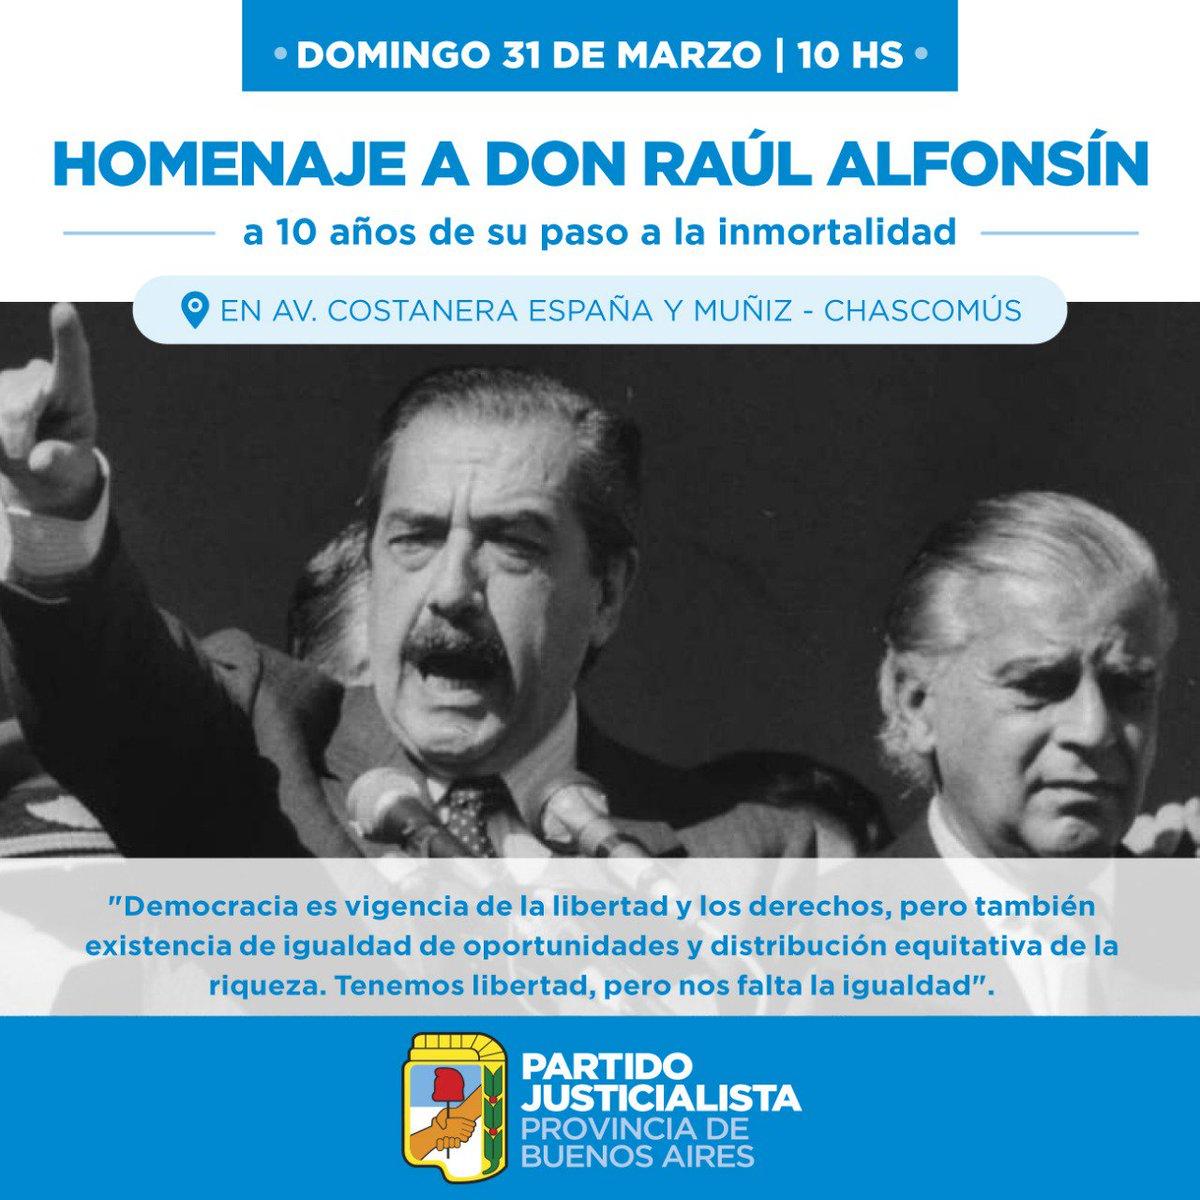 Realizan homenajes a Raúl Alfonsín en el cementerio de La Recoleta